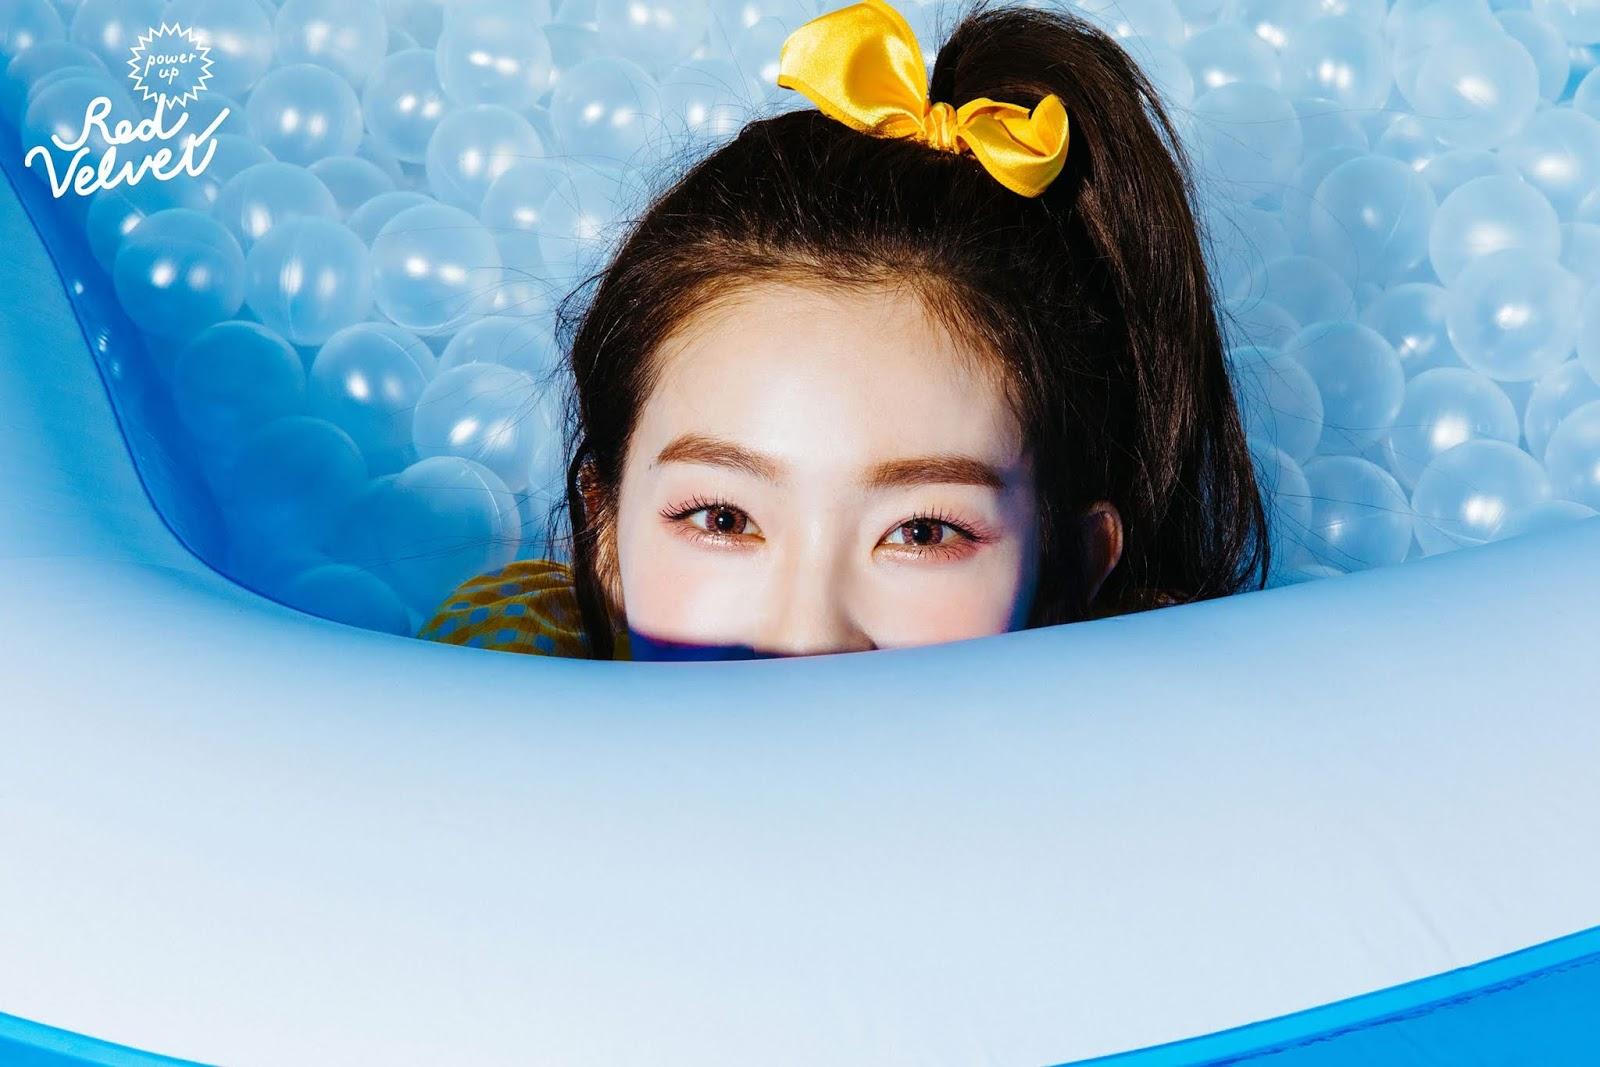 Full Hq Red Velvet S Summer Magic Power Up Teaser Photos Hq Kpop Photos